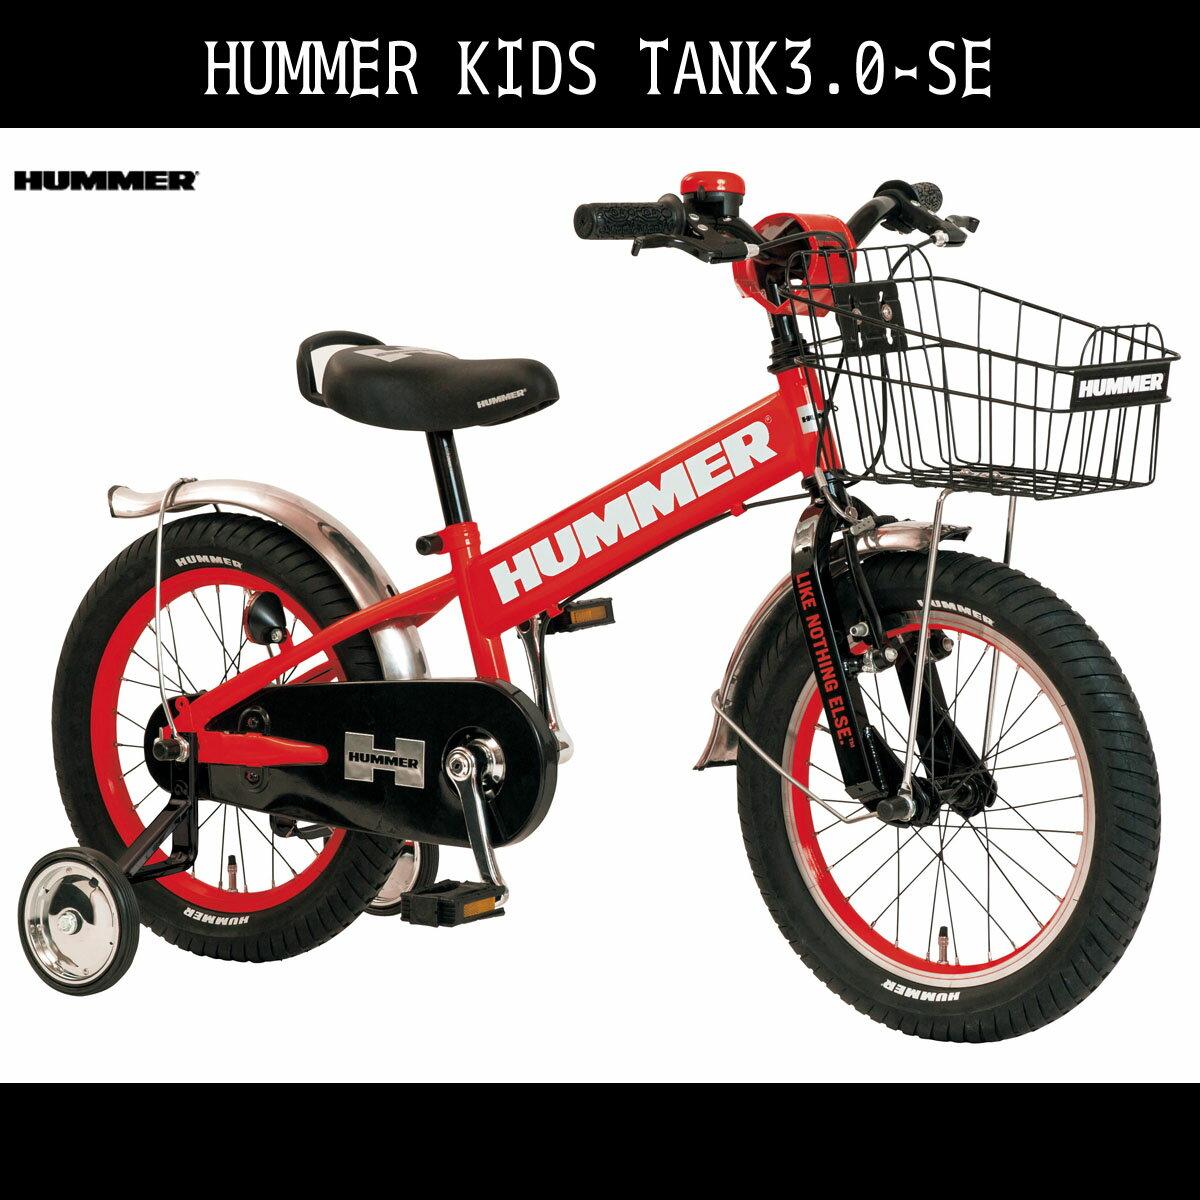 激安 自転車 ハマー TANK3.0-SE かご付KID'S 泥除け 補助輪 ギアなし 赤16インチ ハマー(HUMMER)レッド 幼児補助輪付き自転車 マウンテンバイク 子供用 送料無料